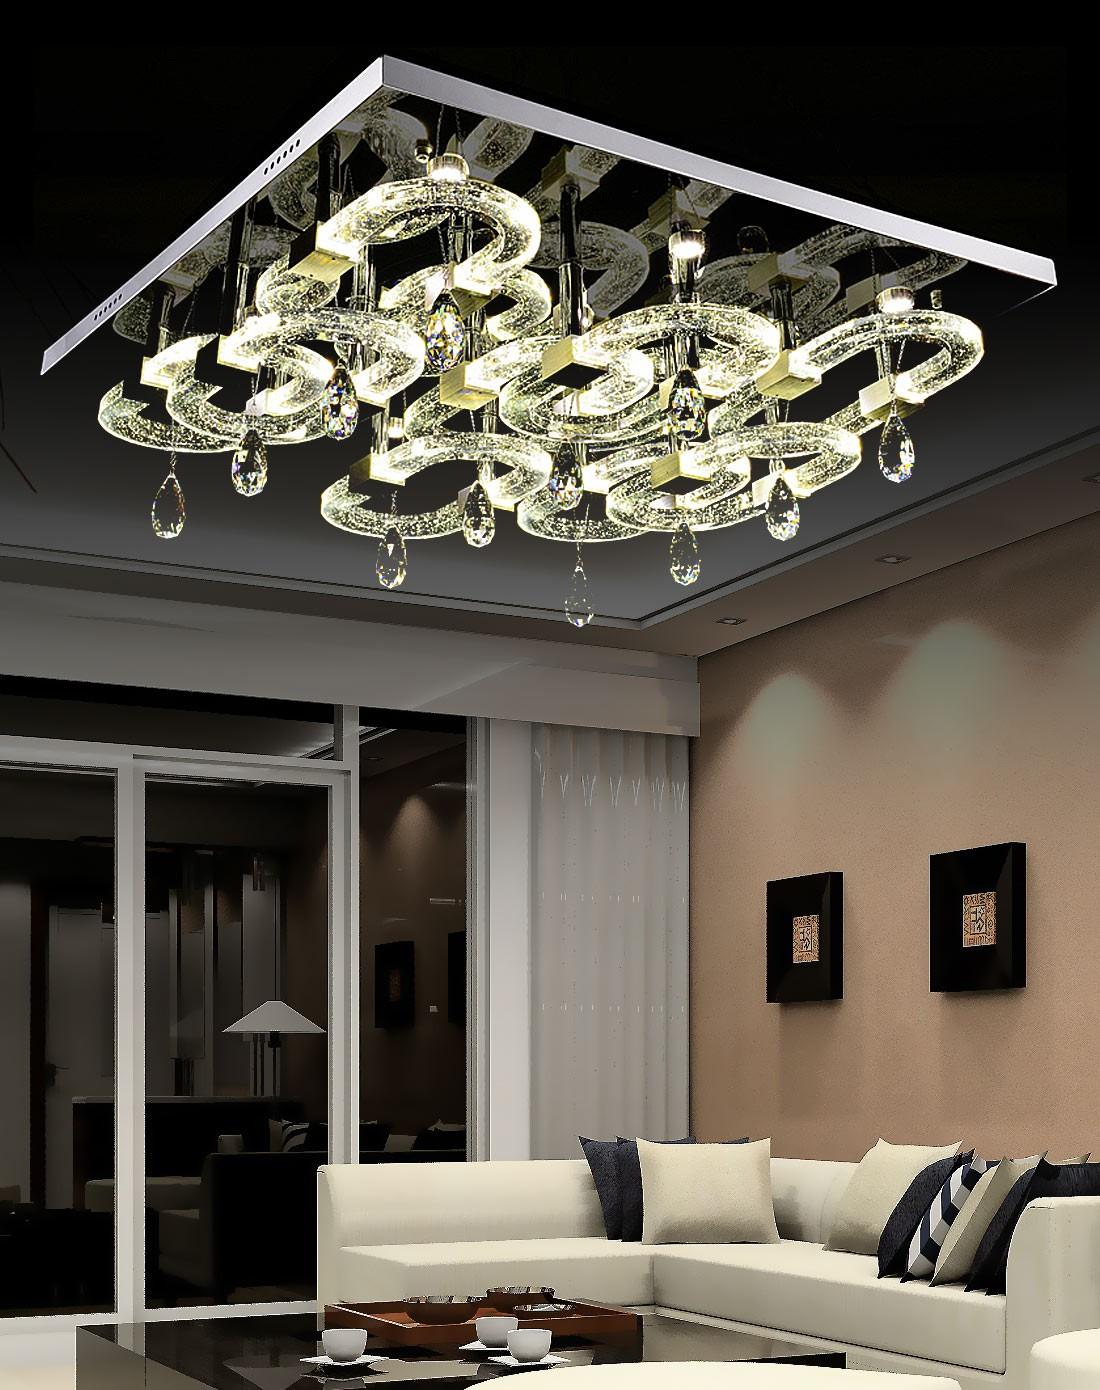 客厅装水晶灯好吗?